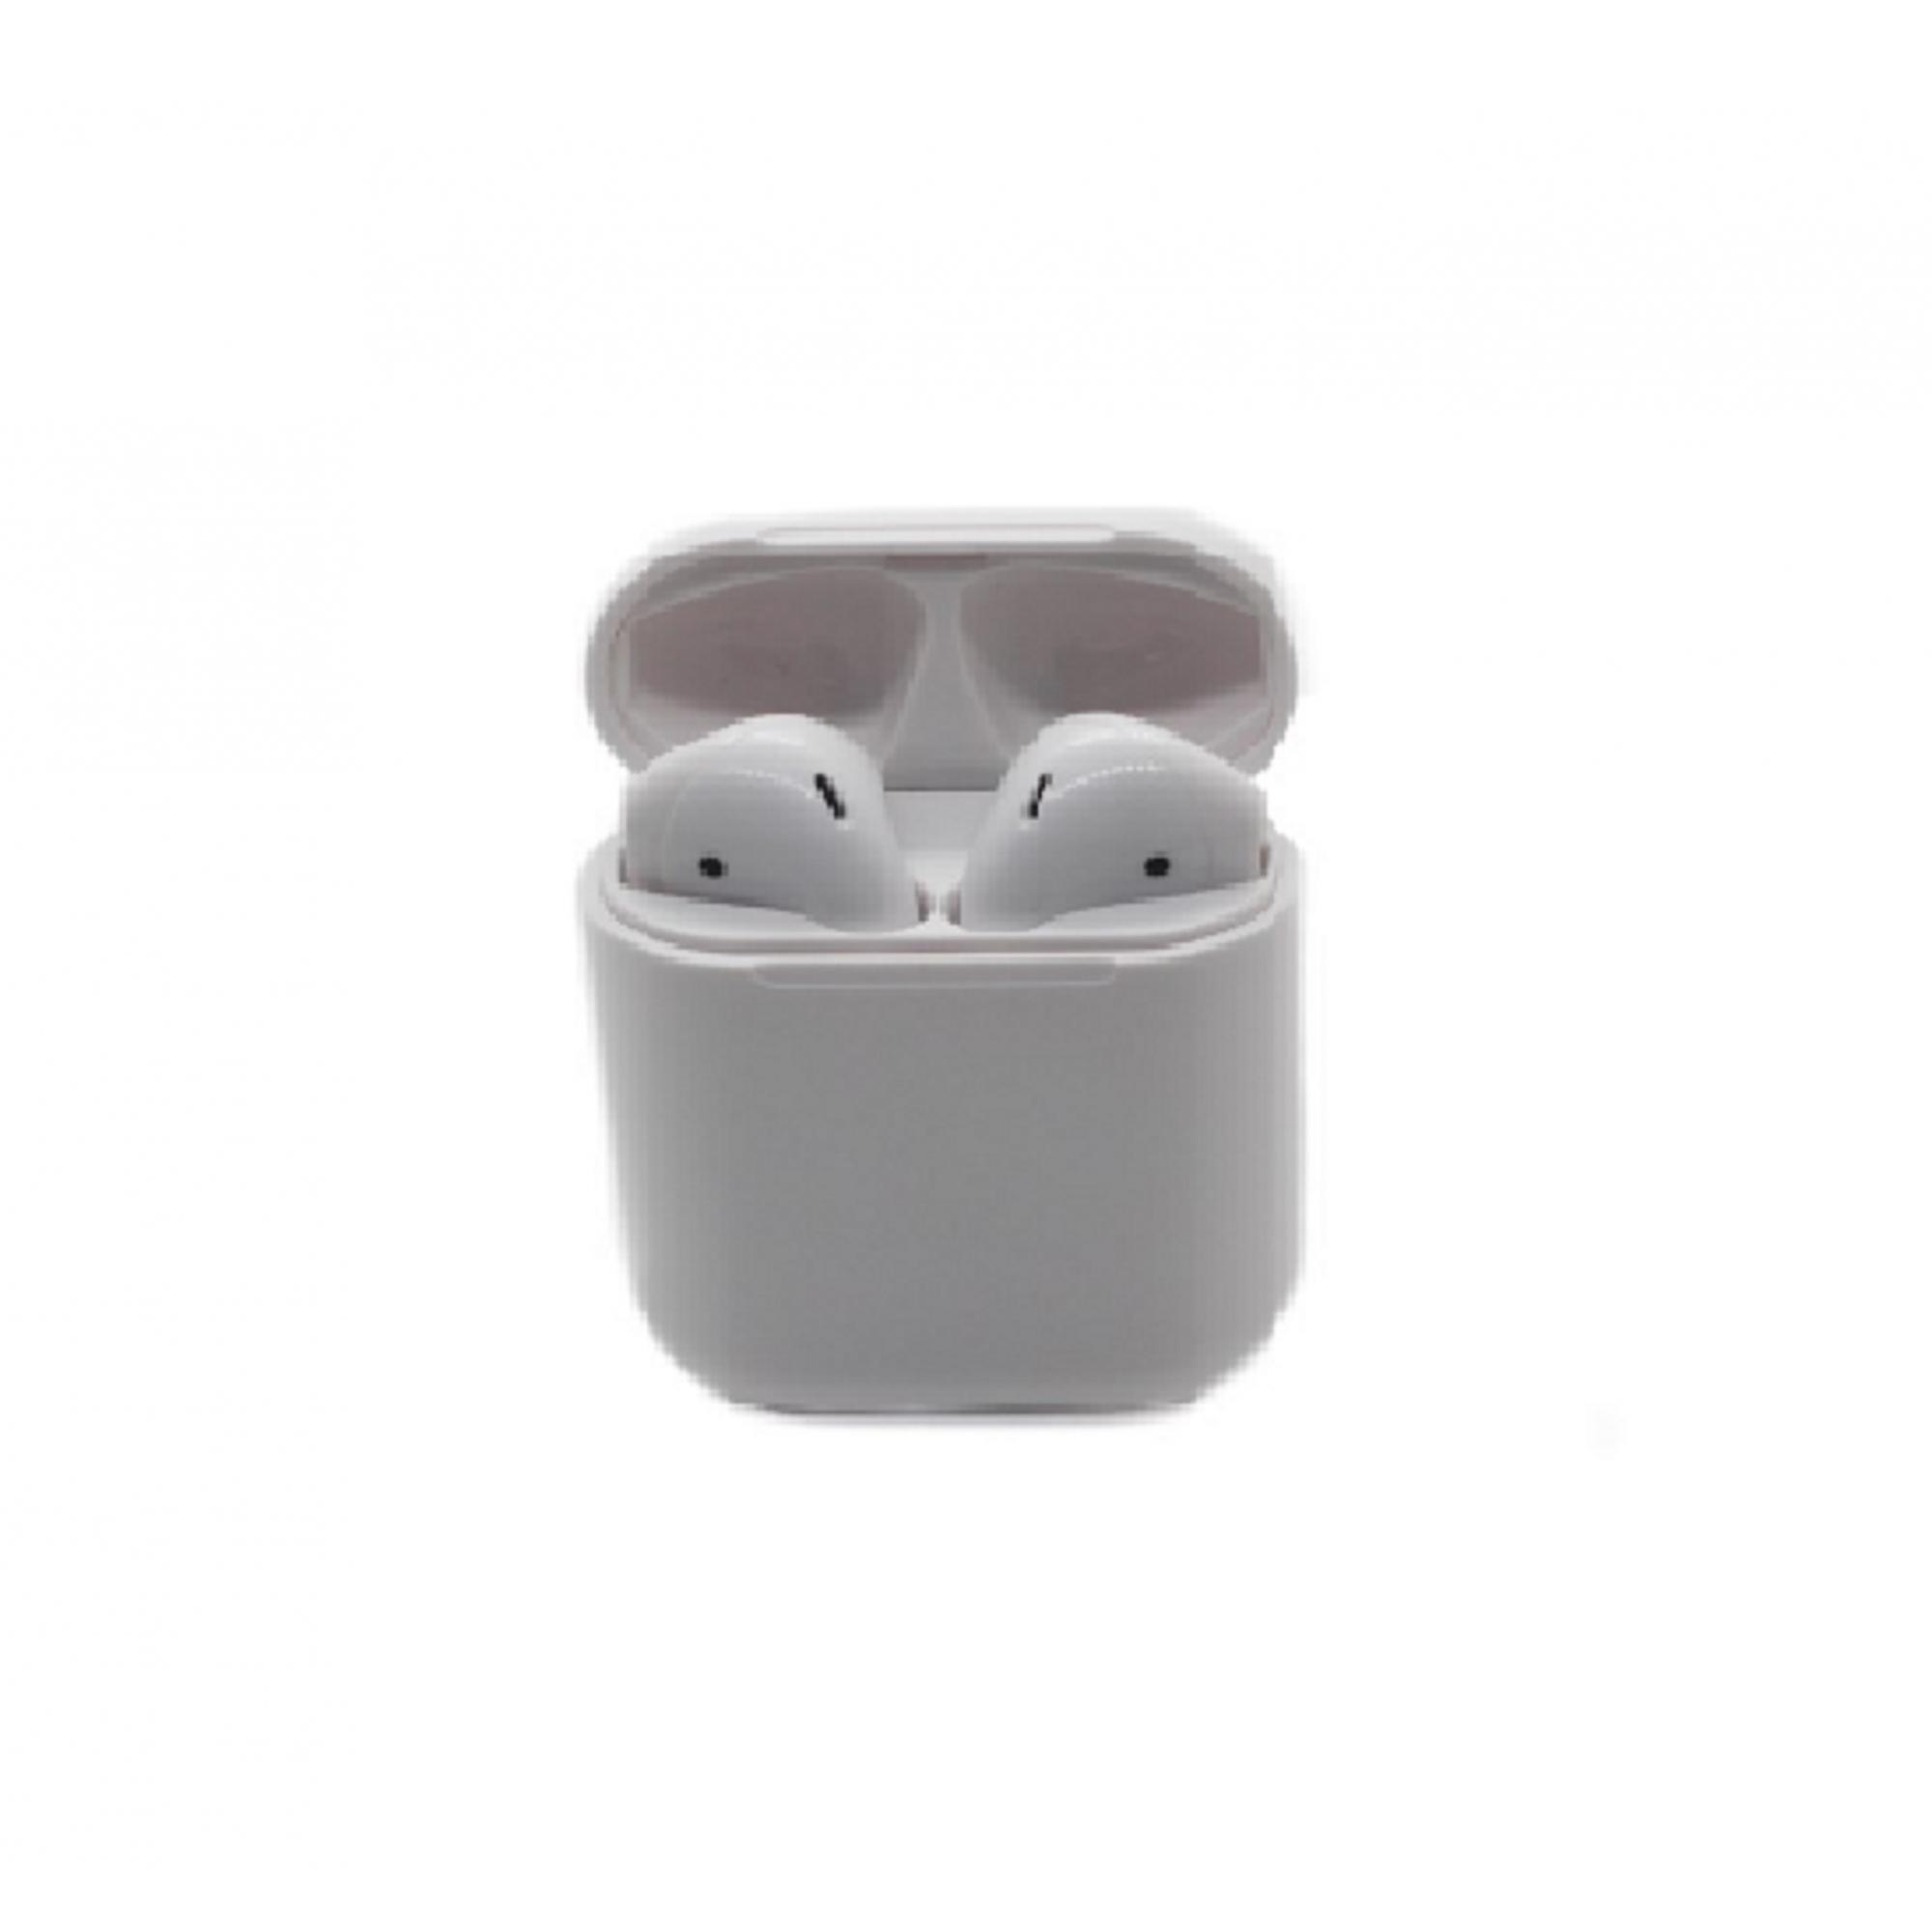 Fone De Ouvido Sem Fio Bluetooth i13s 5.0 Wireless